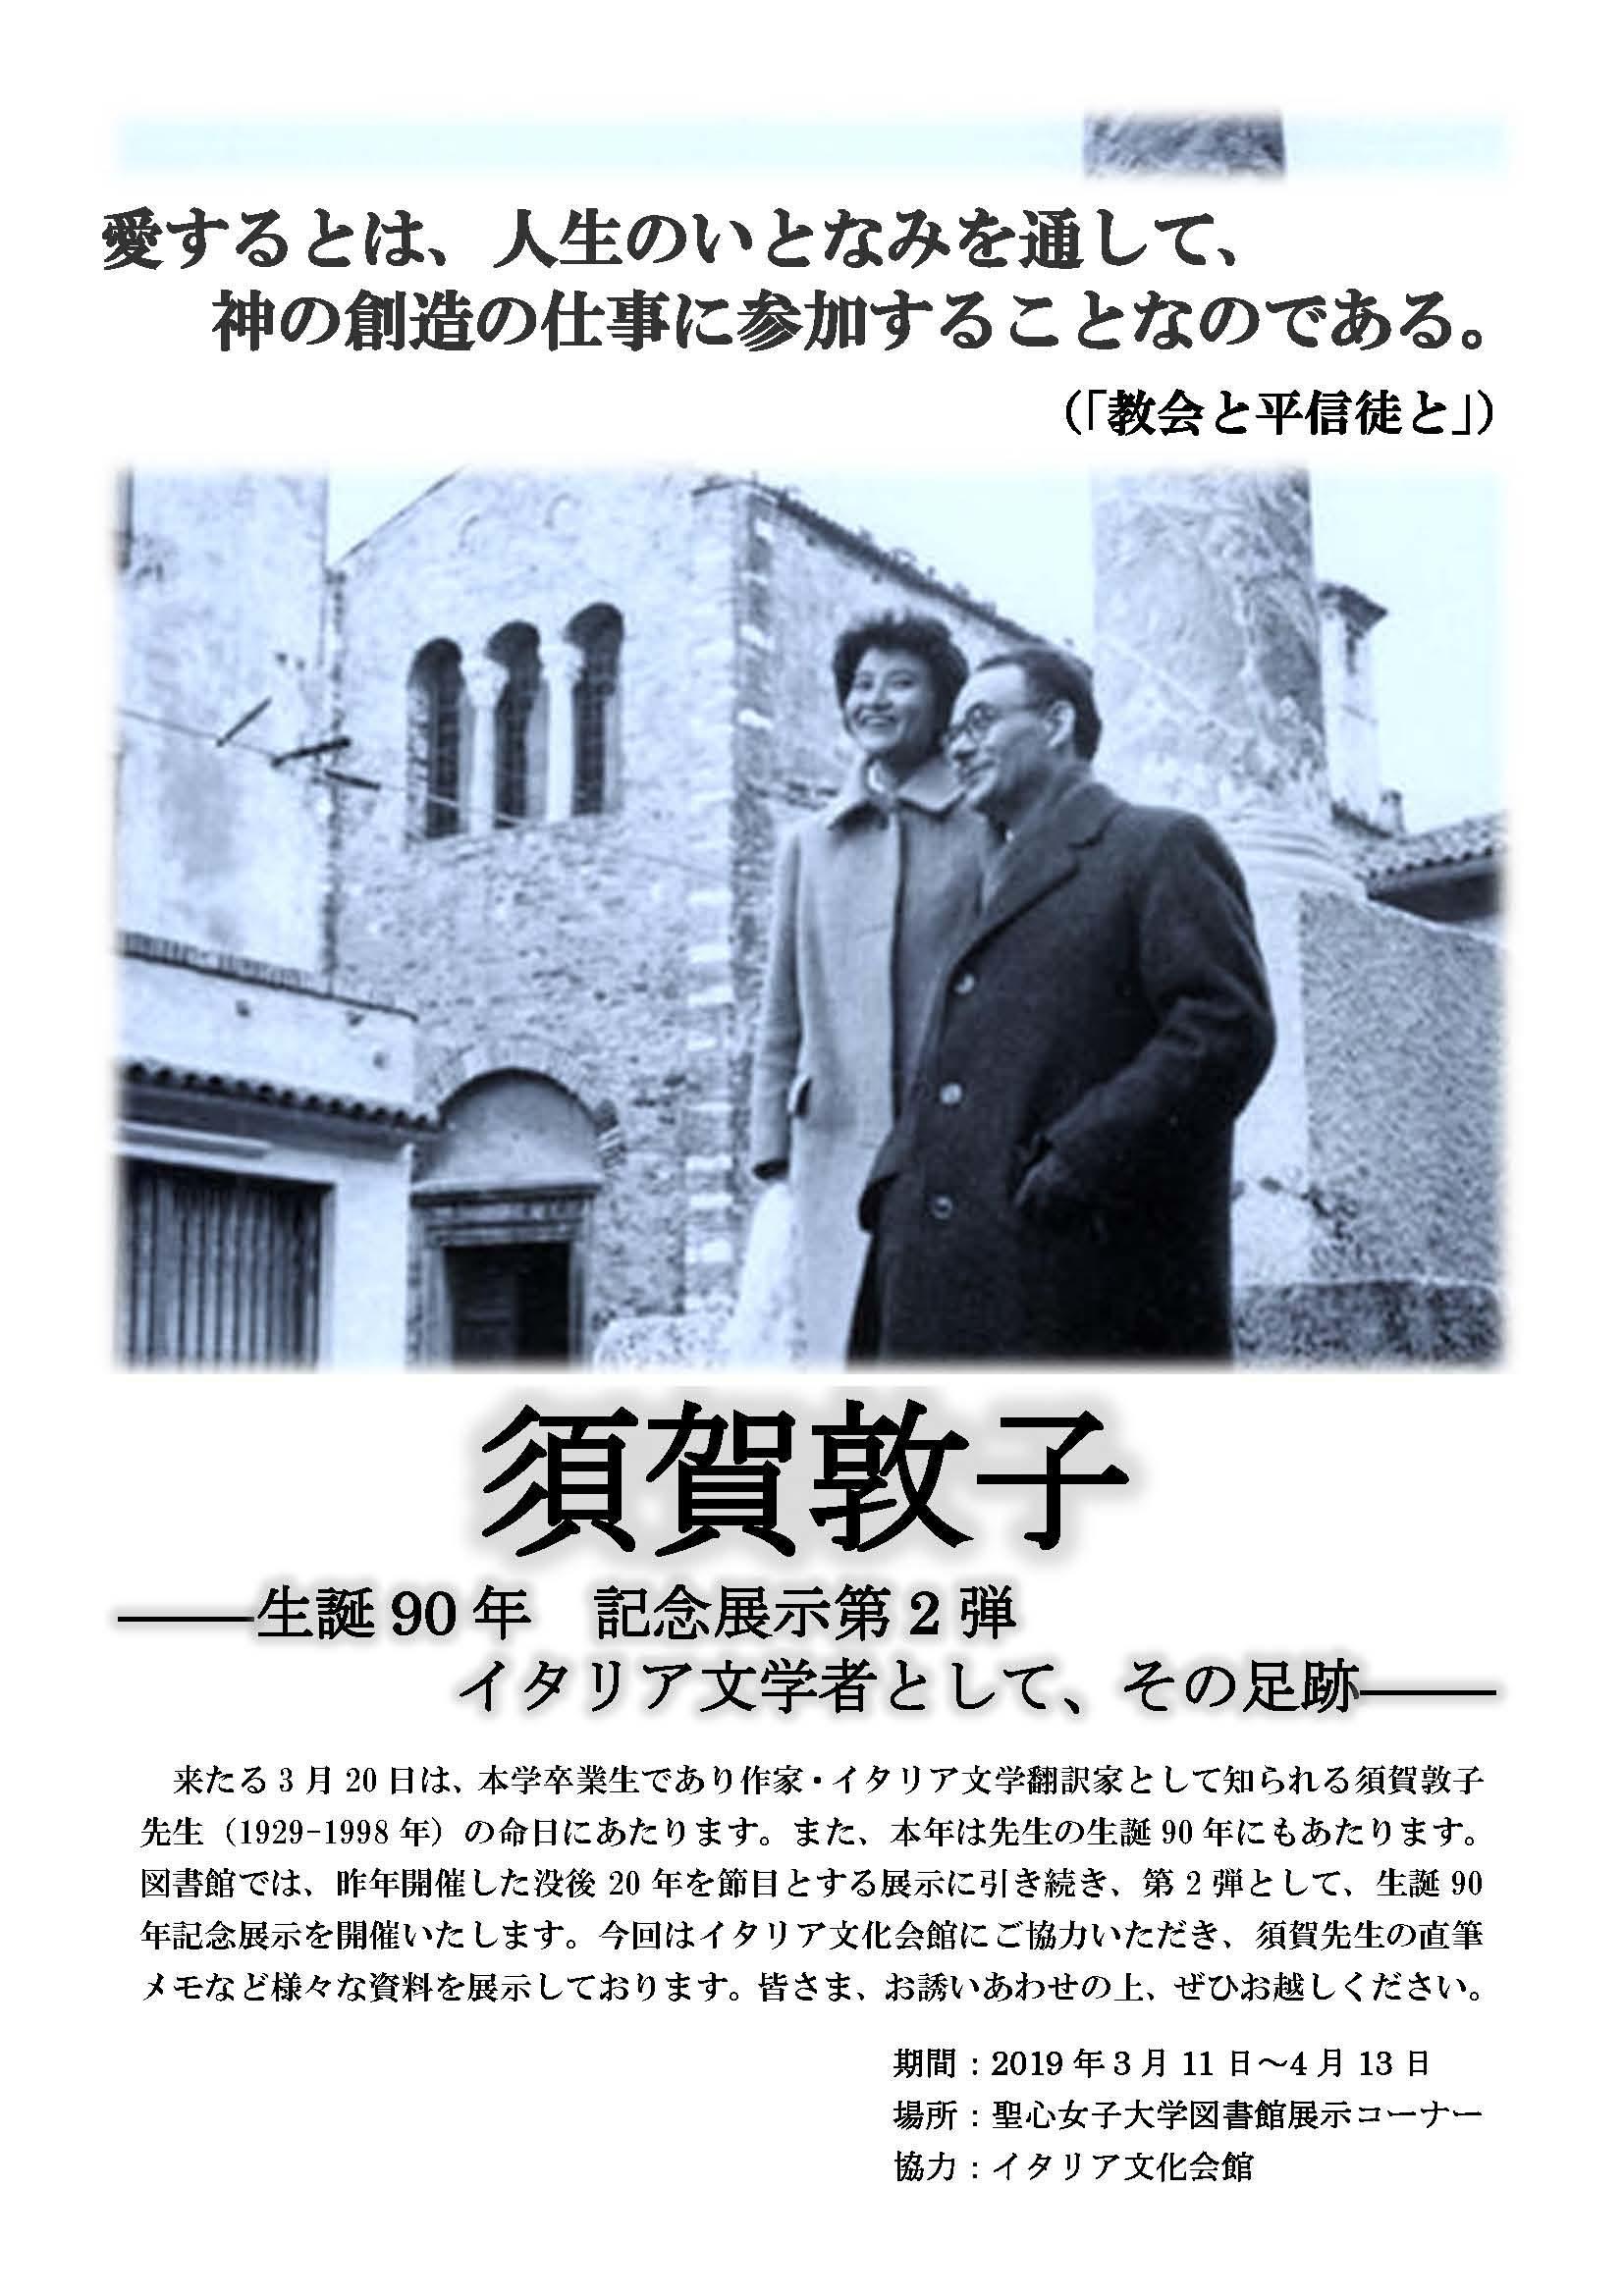 聖心女子大学図書館が4月13日まで企画展「須賀敦子 -- 生誕90年記念展示 -- 」を開催中 -- イタリア文学者として、その足跡